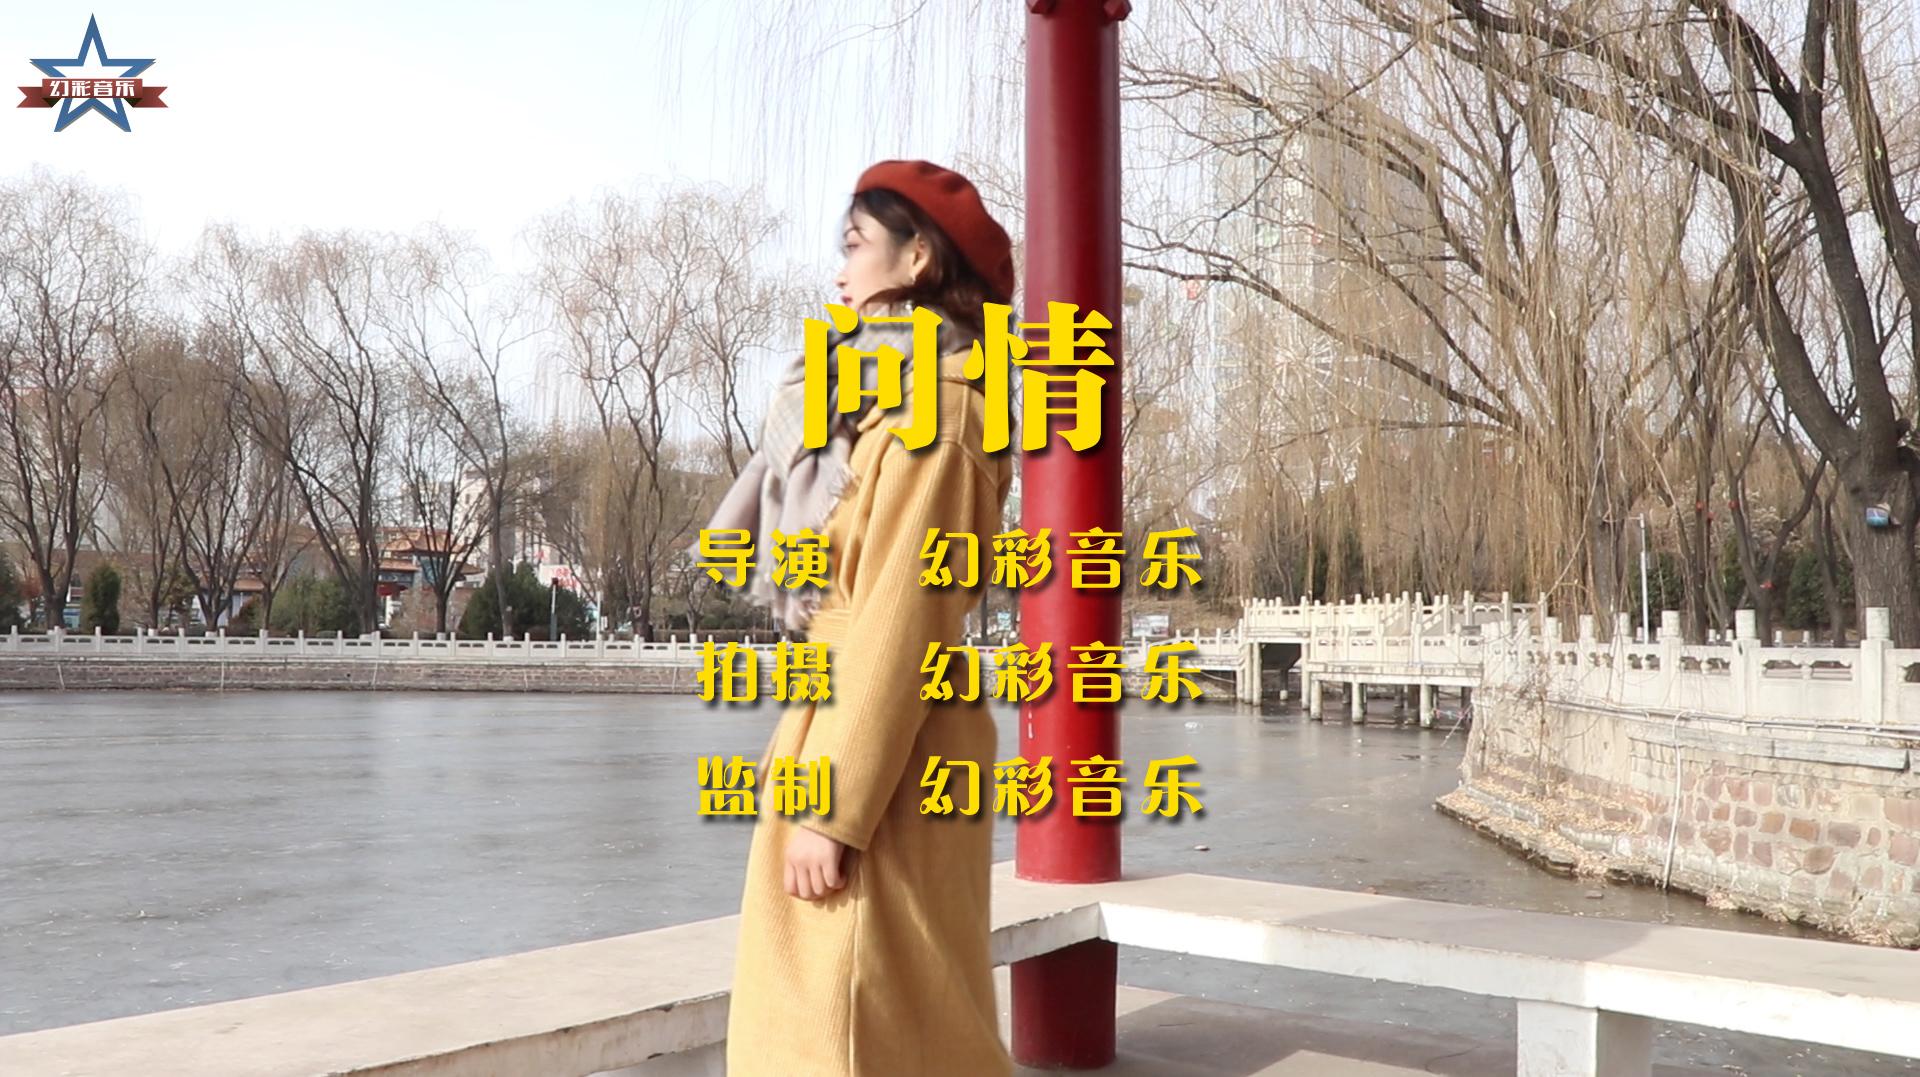 蔡幸娟一首《问情》,曾风靡一时的经典之作,好听极了